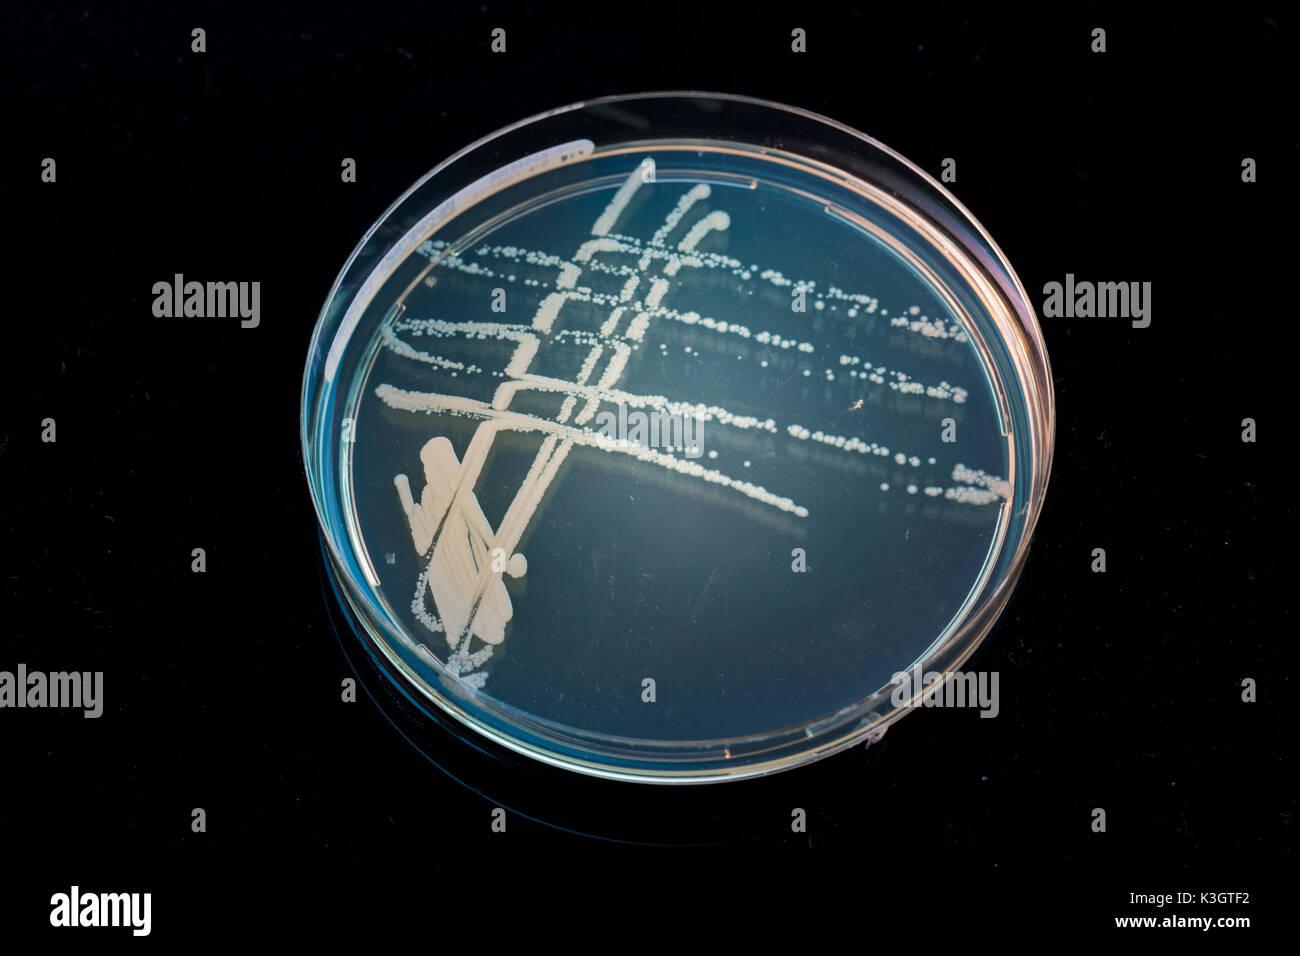 Montón de petri con cultivos de crecimiento de microorganismos en el doctor mano , hongos y microbios. Una placa Petri ( Petrie plato. Placa de Petri o en cultivos celulares Foto de stock